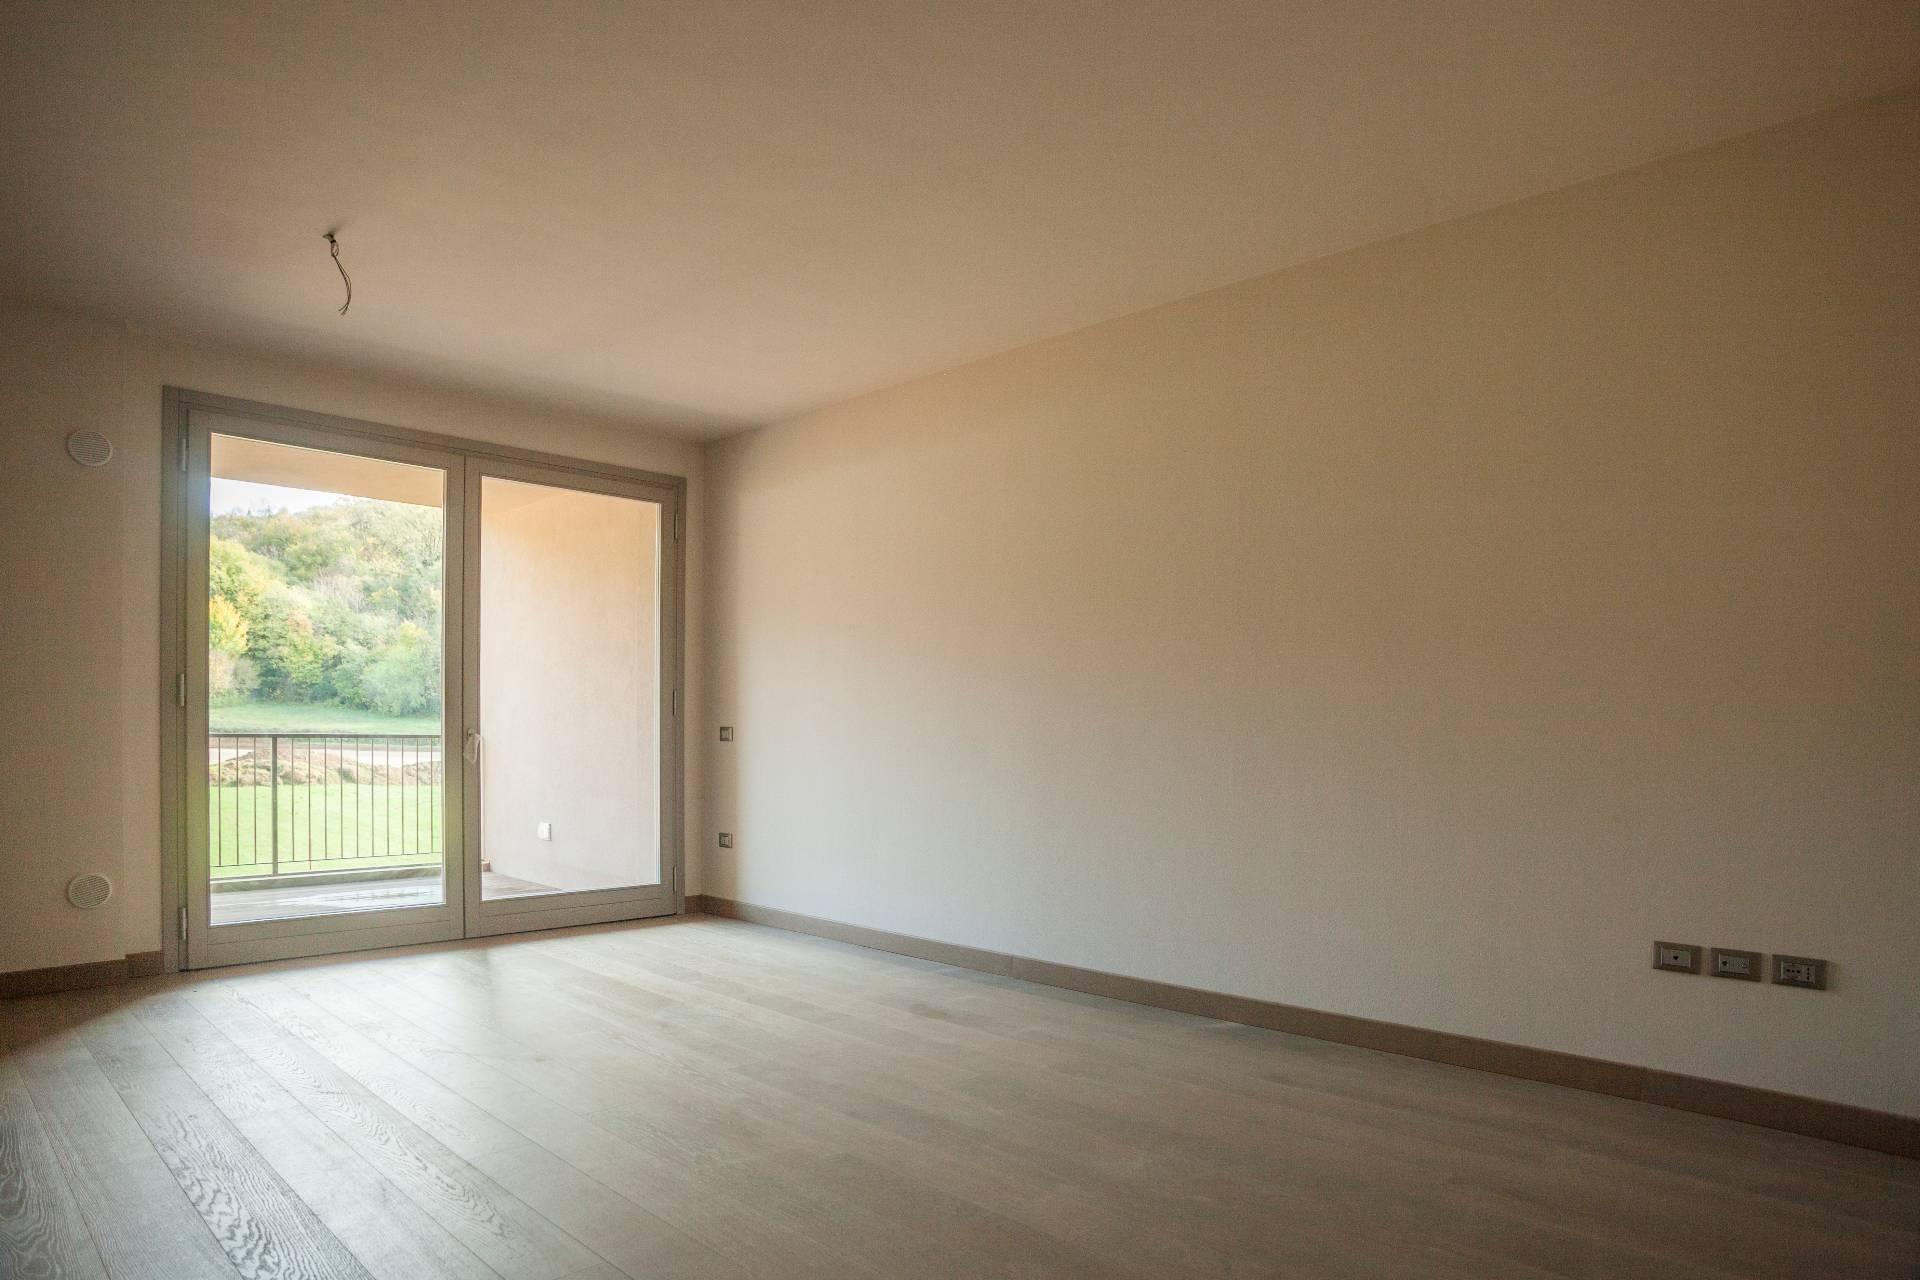 Appartamento in Vendita a Verona Semicentro Nord: 5 locali, 139 mq